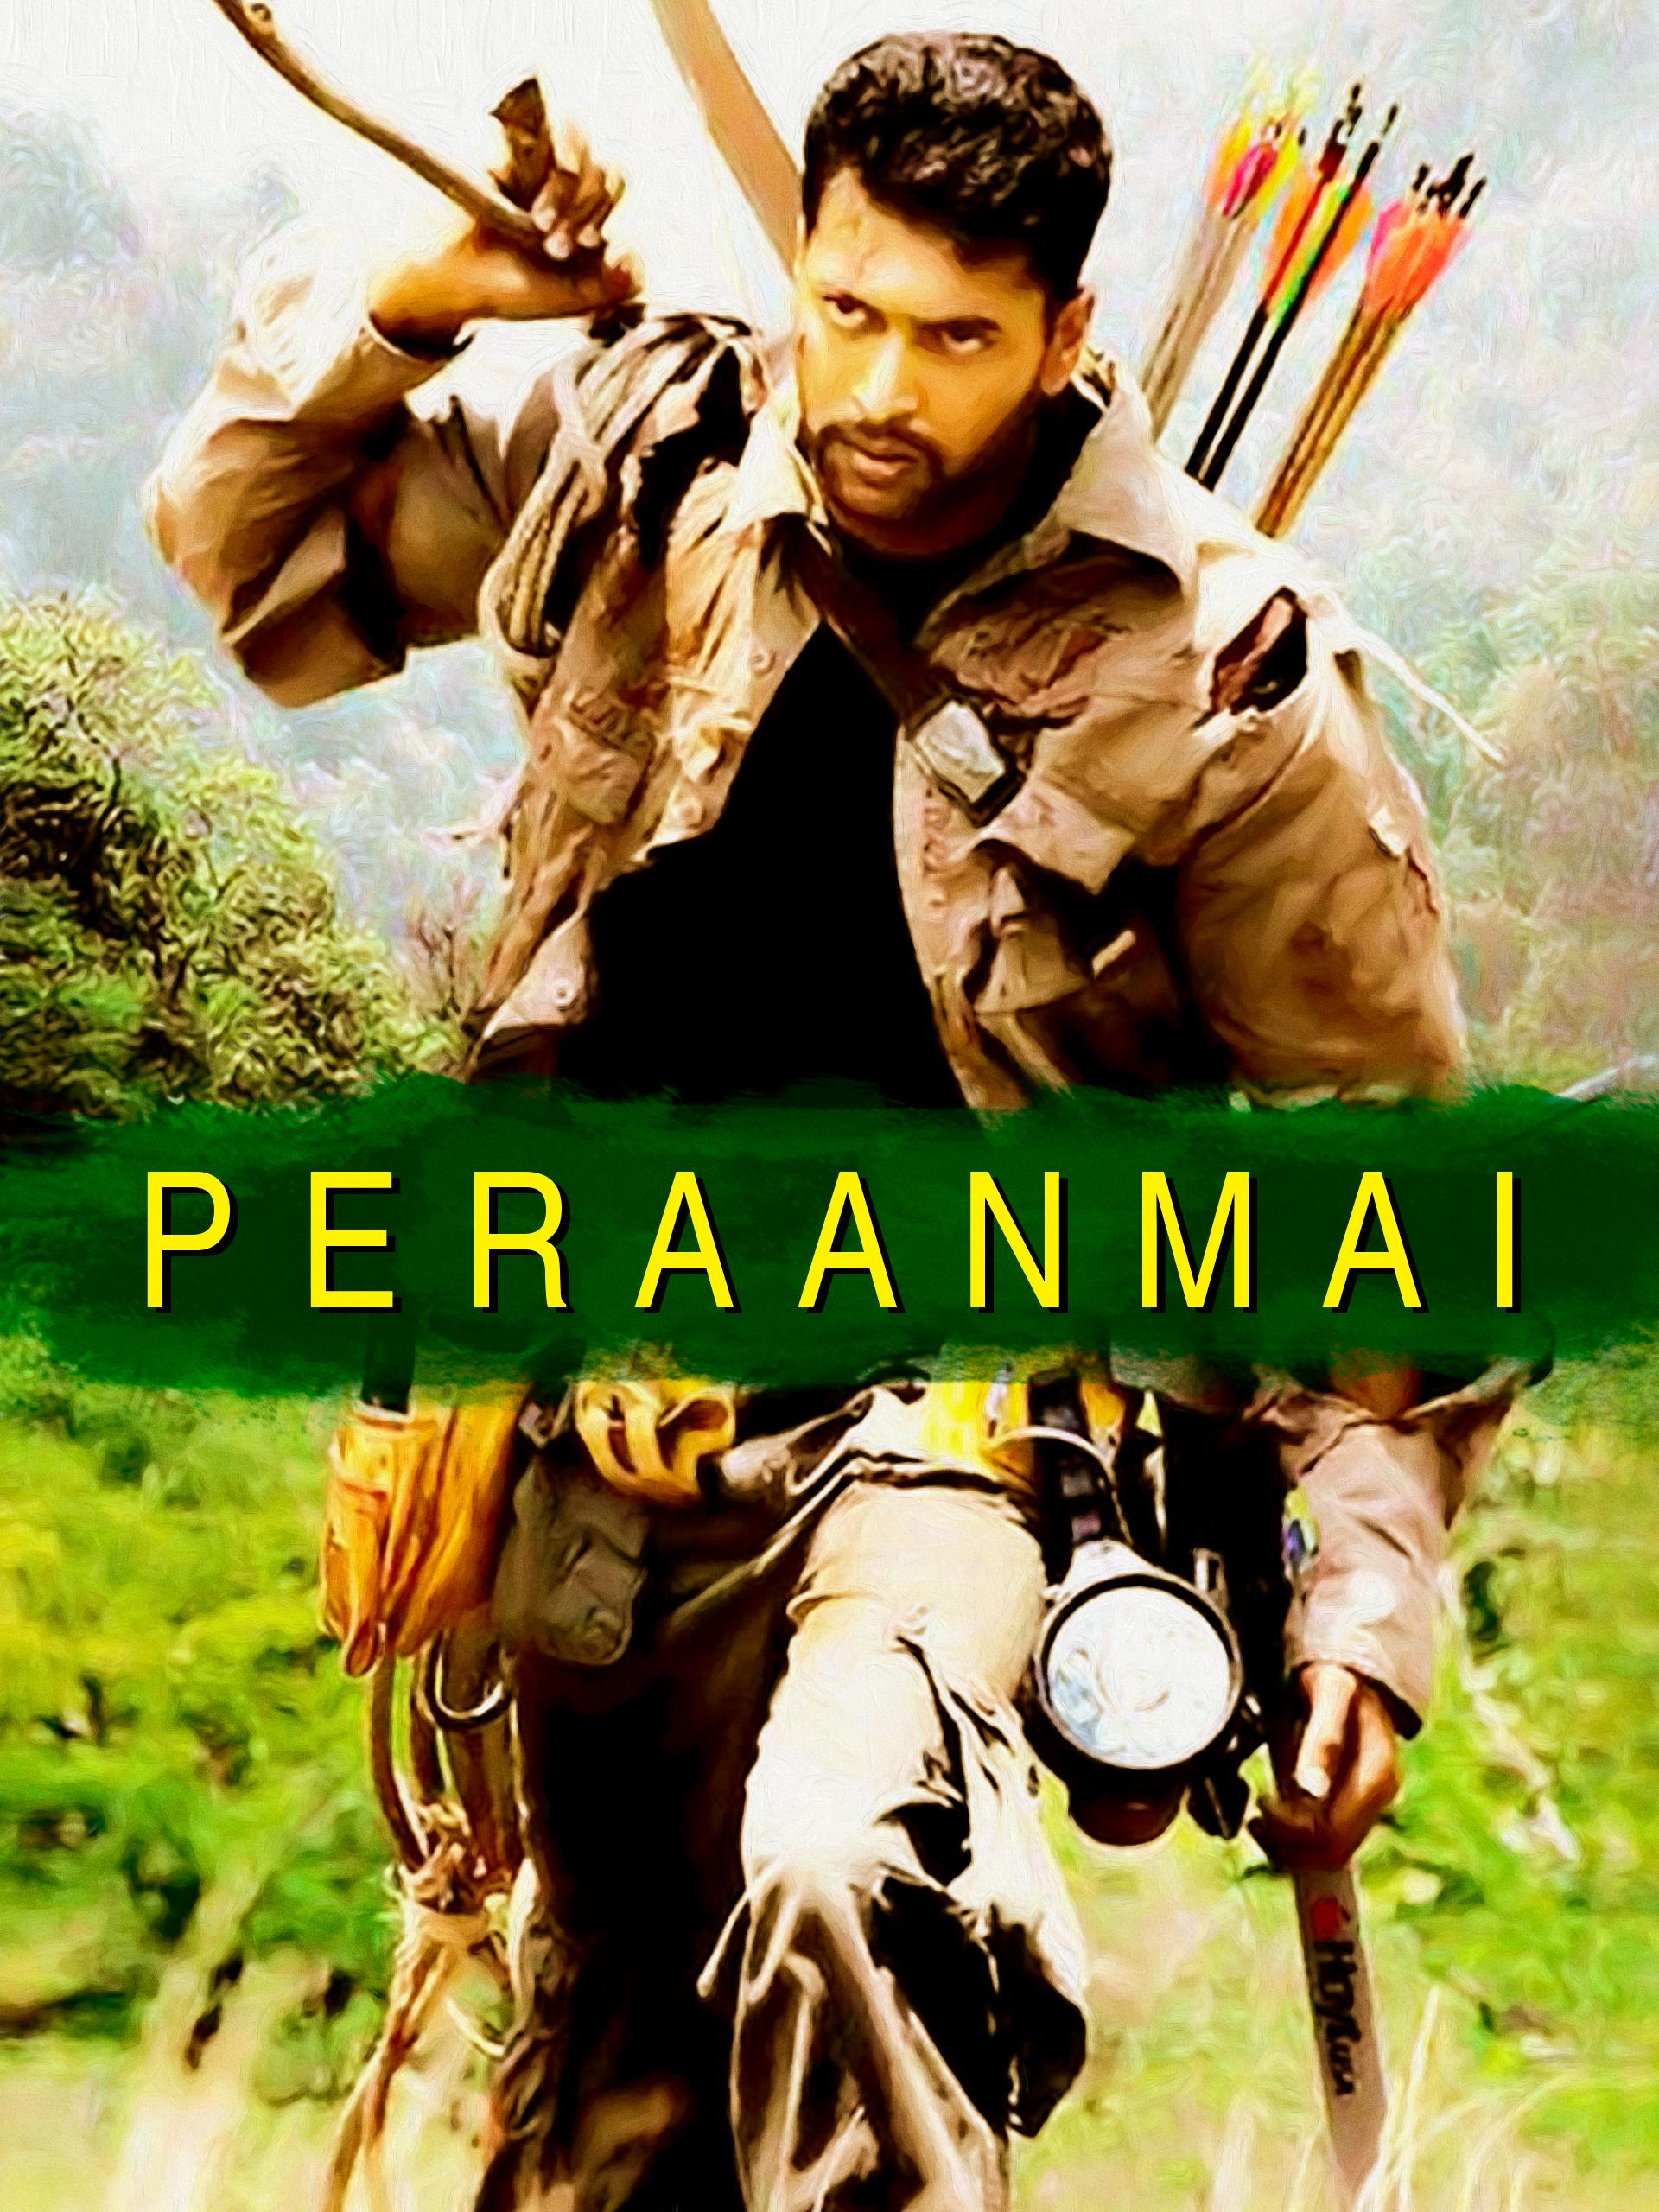 Watch Peraanmai full movie Online - Eros Now